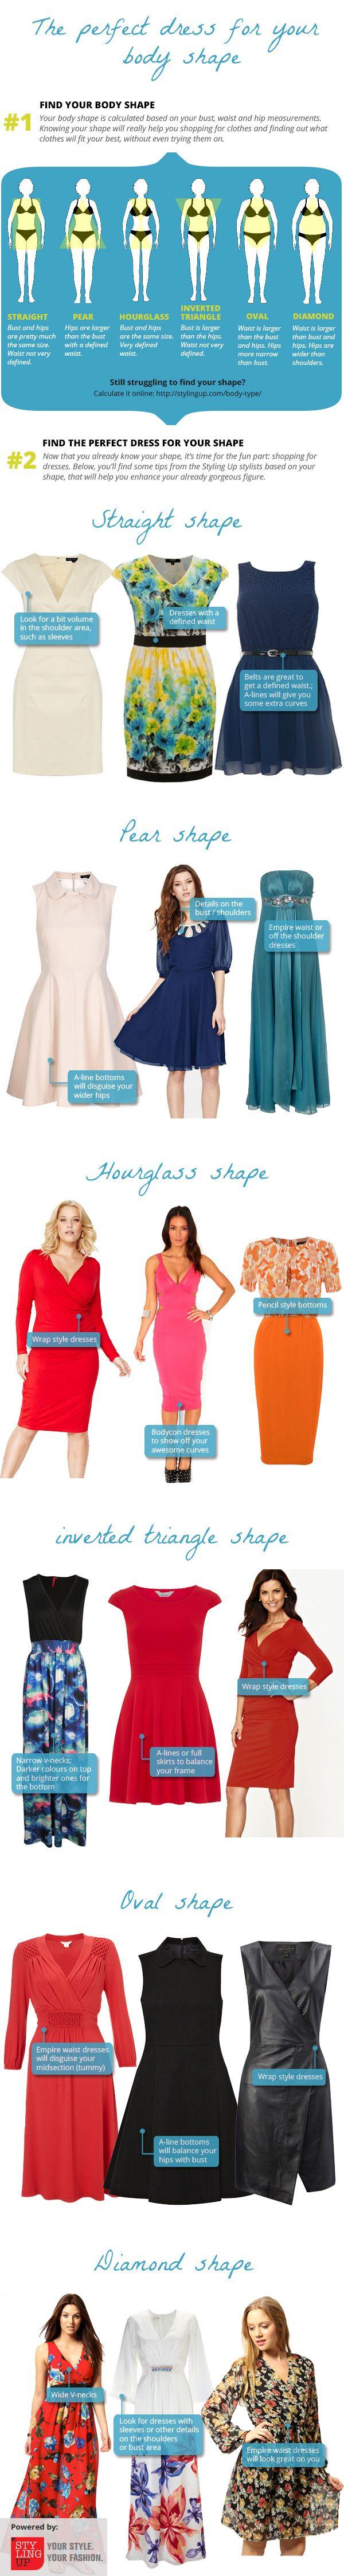 Dresses for body shape